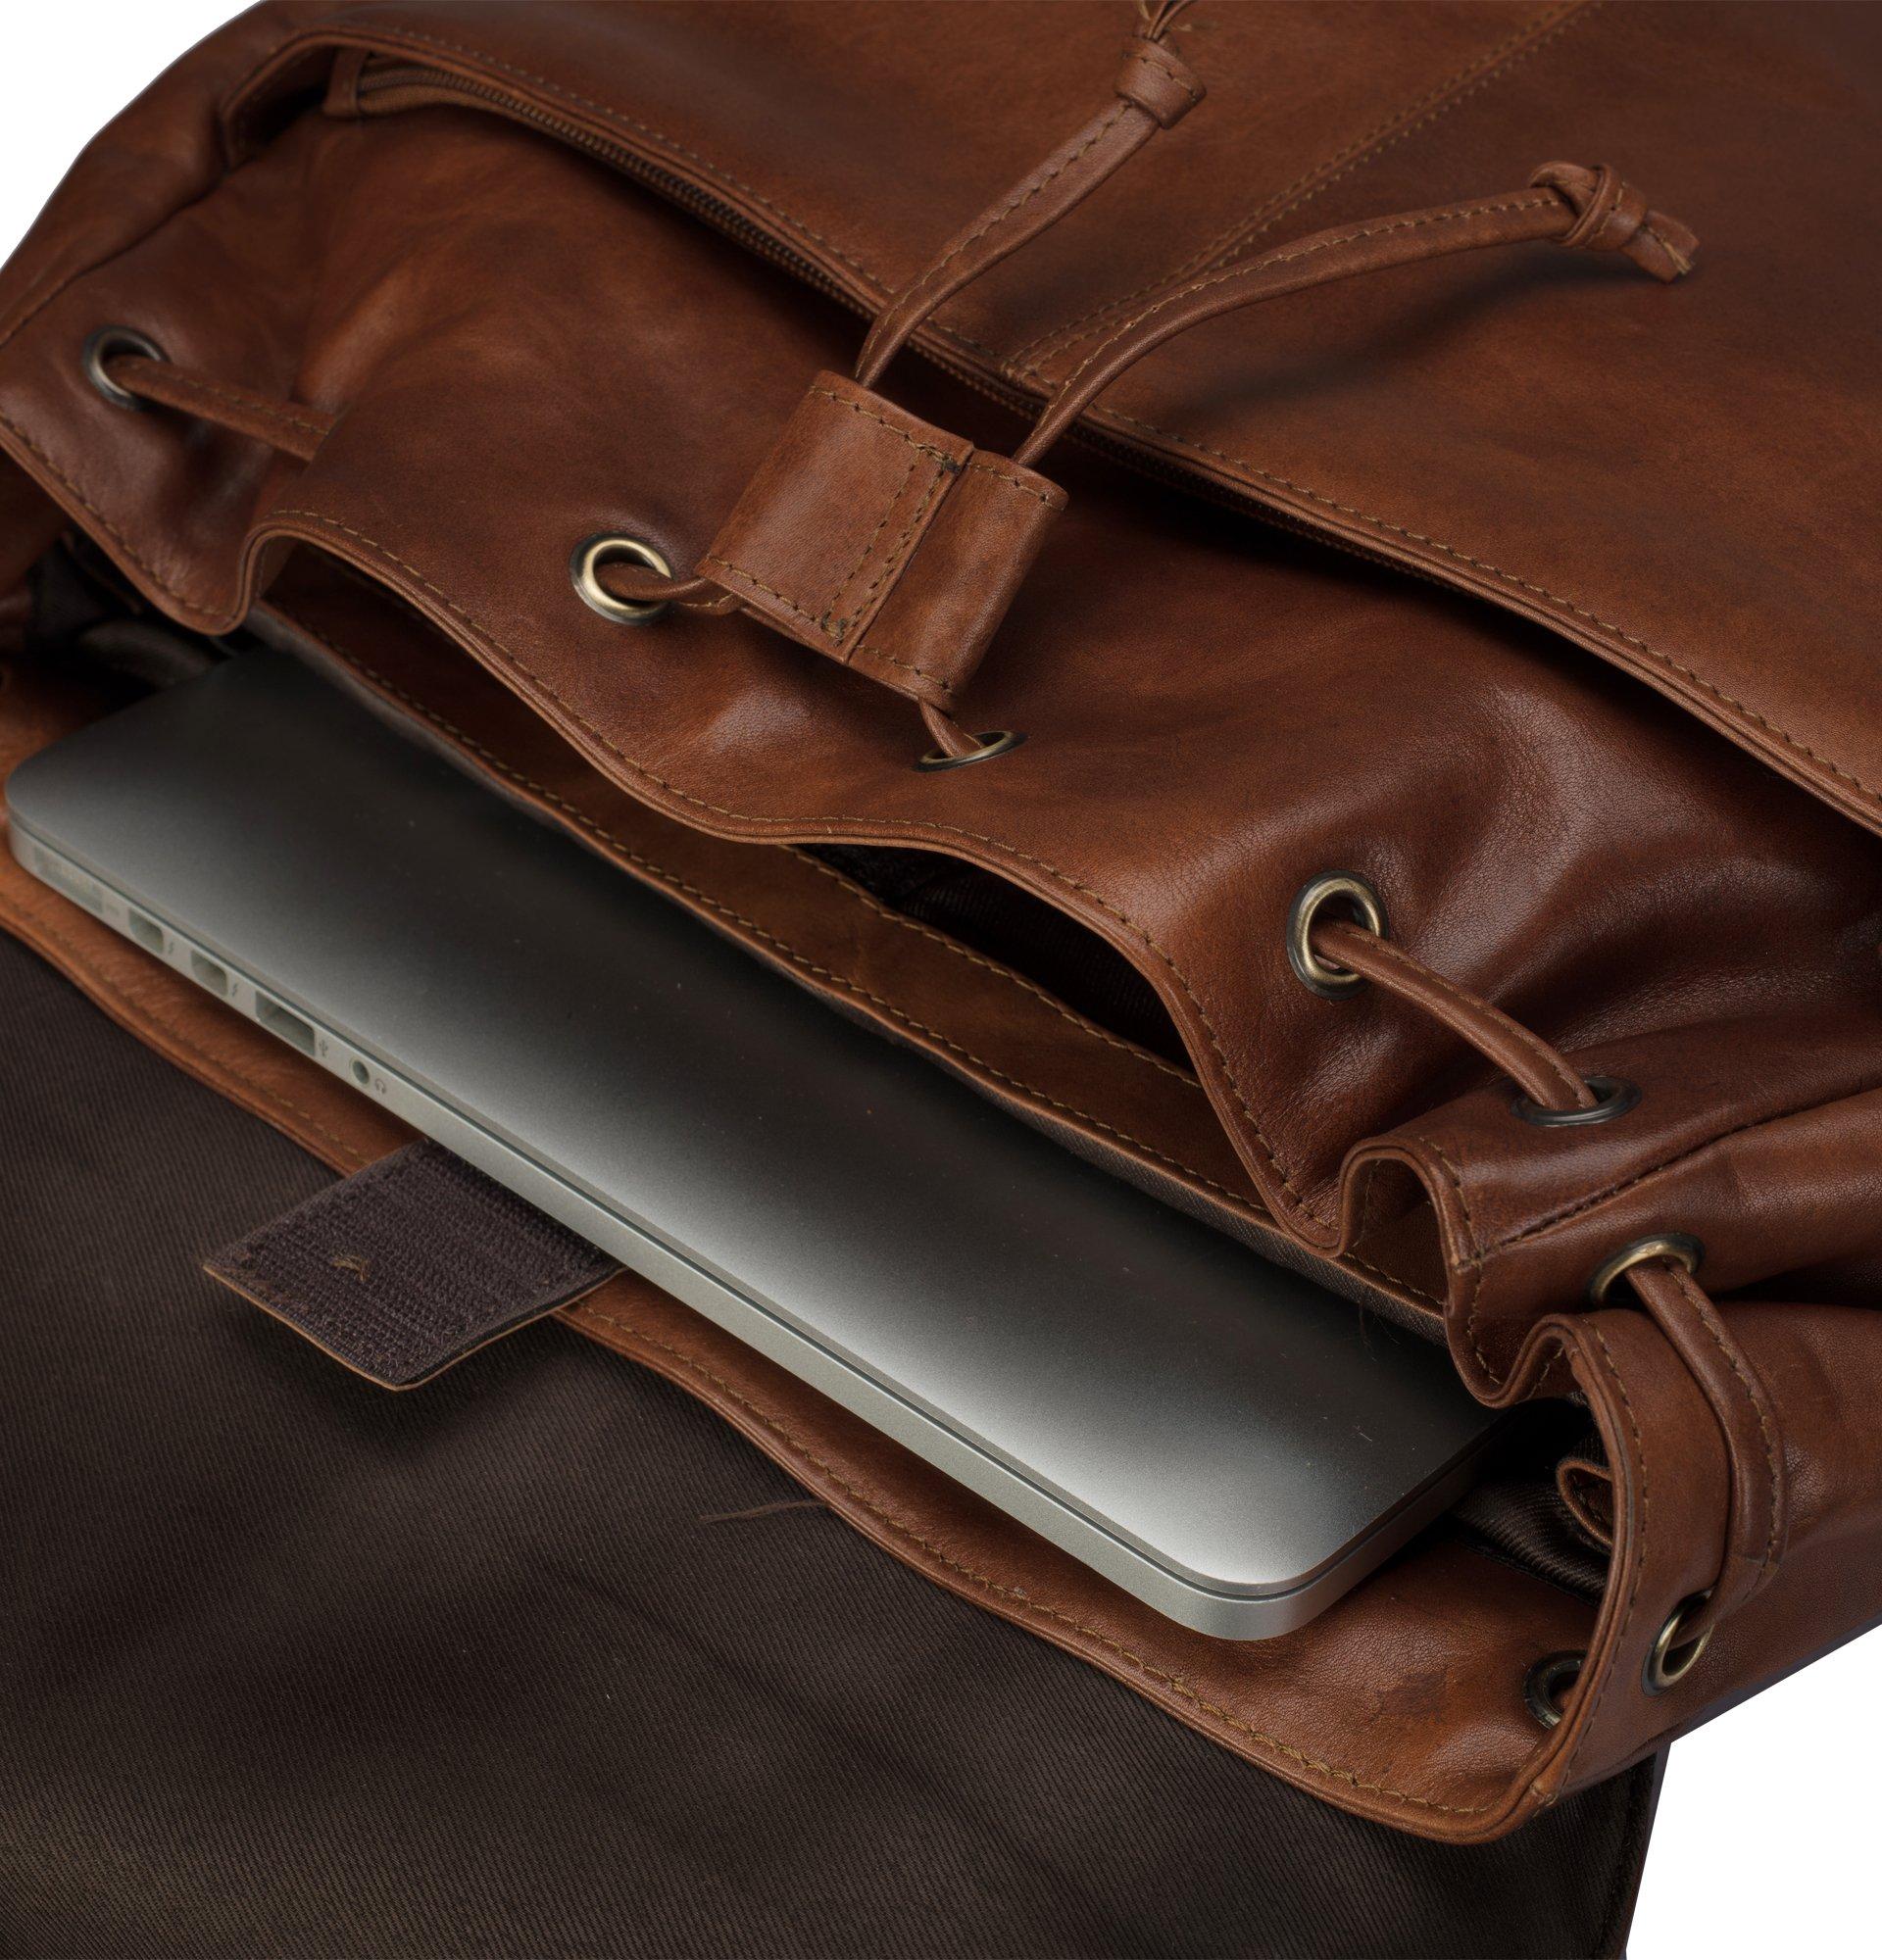 Finelaer Vintage Brown Laptop Backpack Daypack Rucksack Travel Hiking Bag Men Women by FINELAER (Image #7)